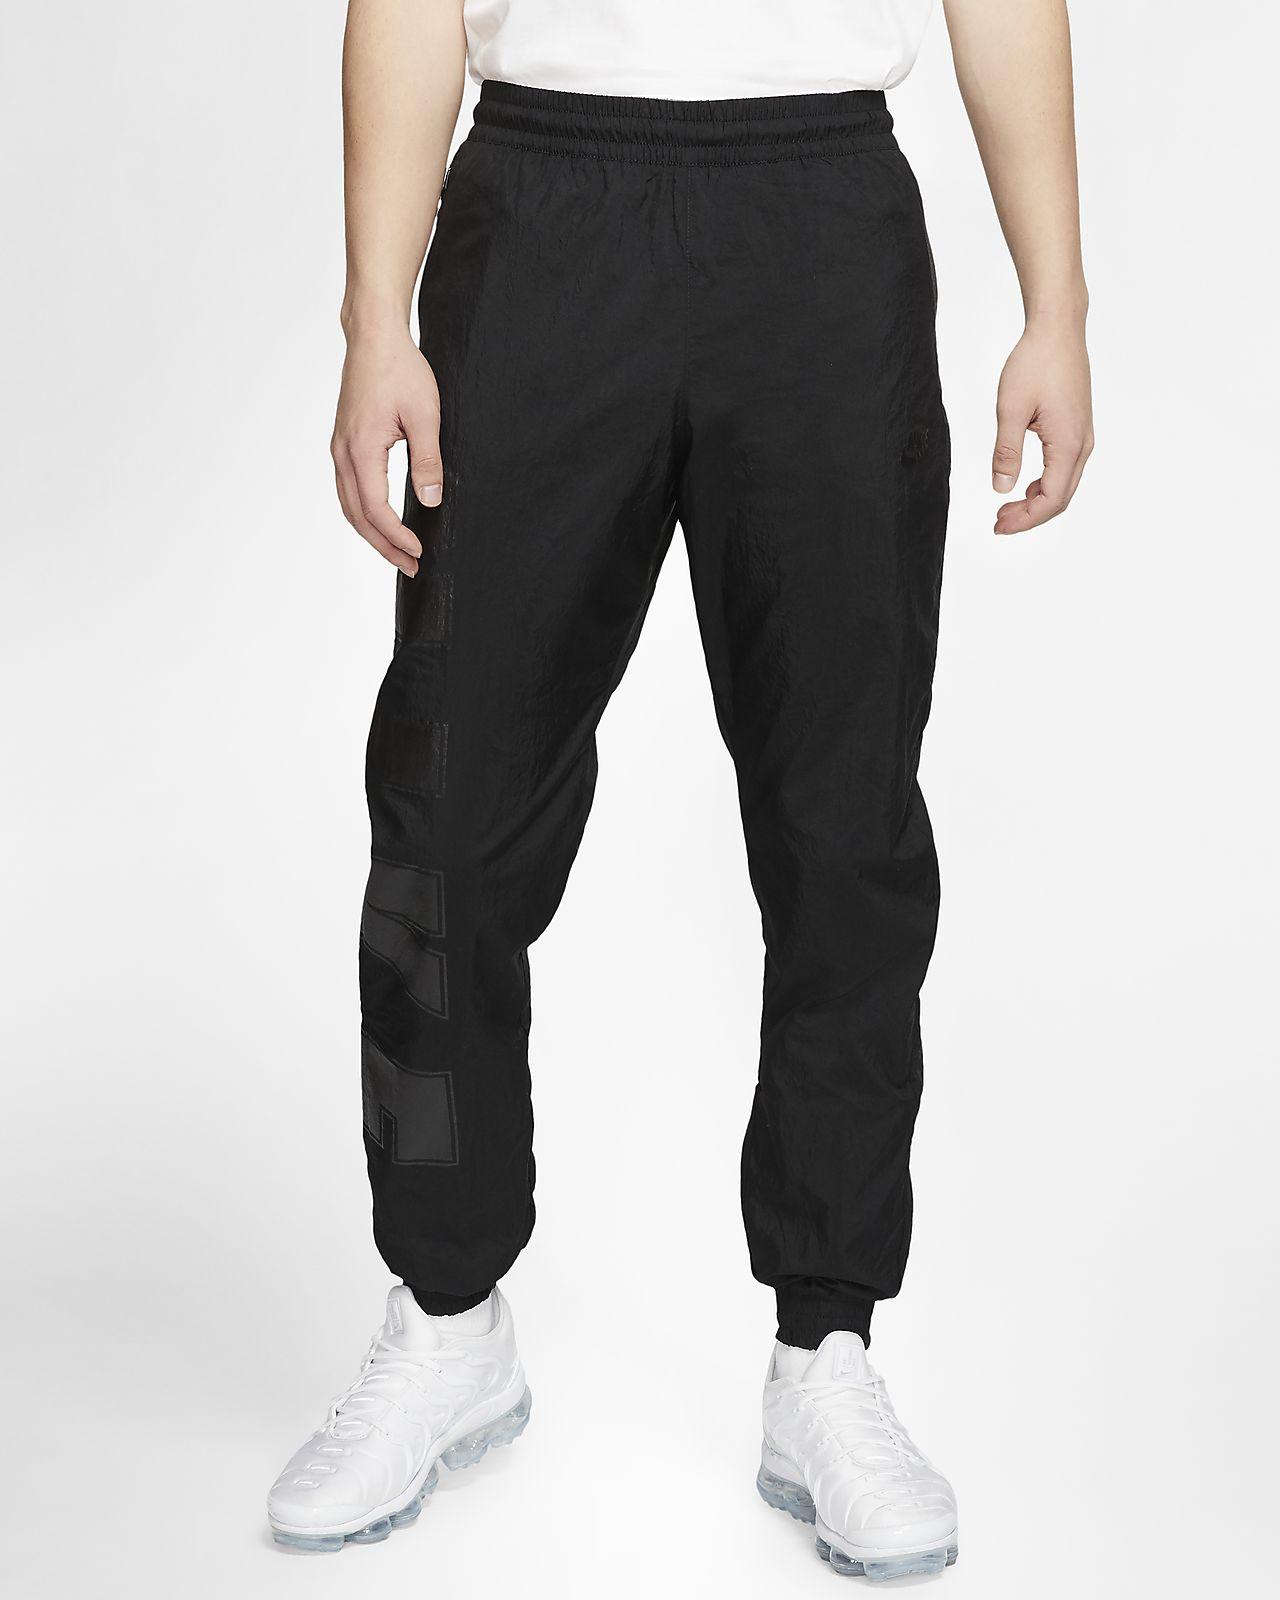 Spodnie z tkaniny Nike Sportswear